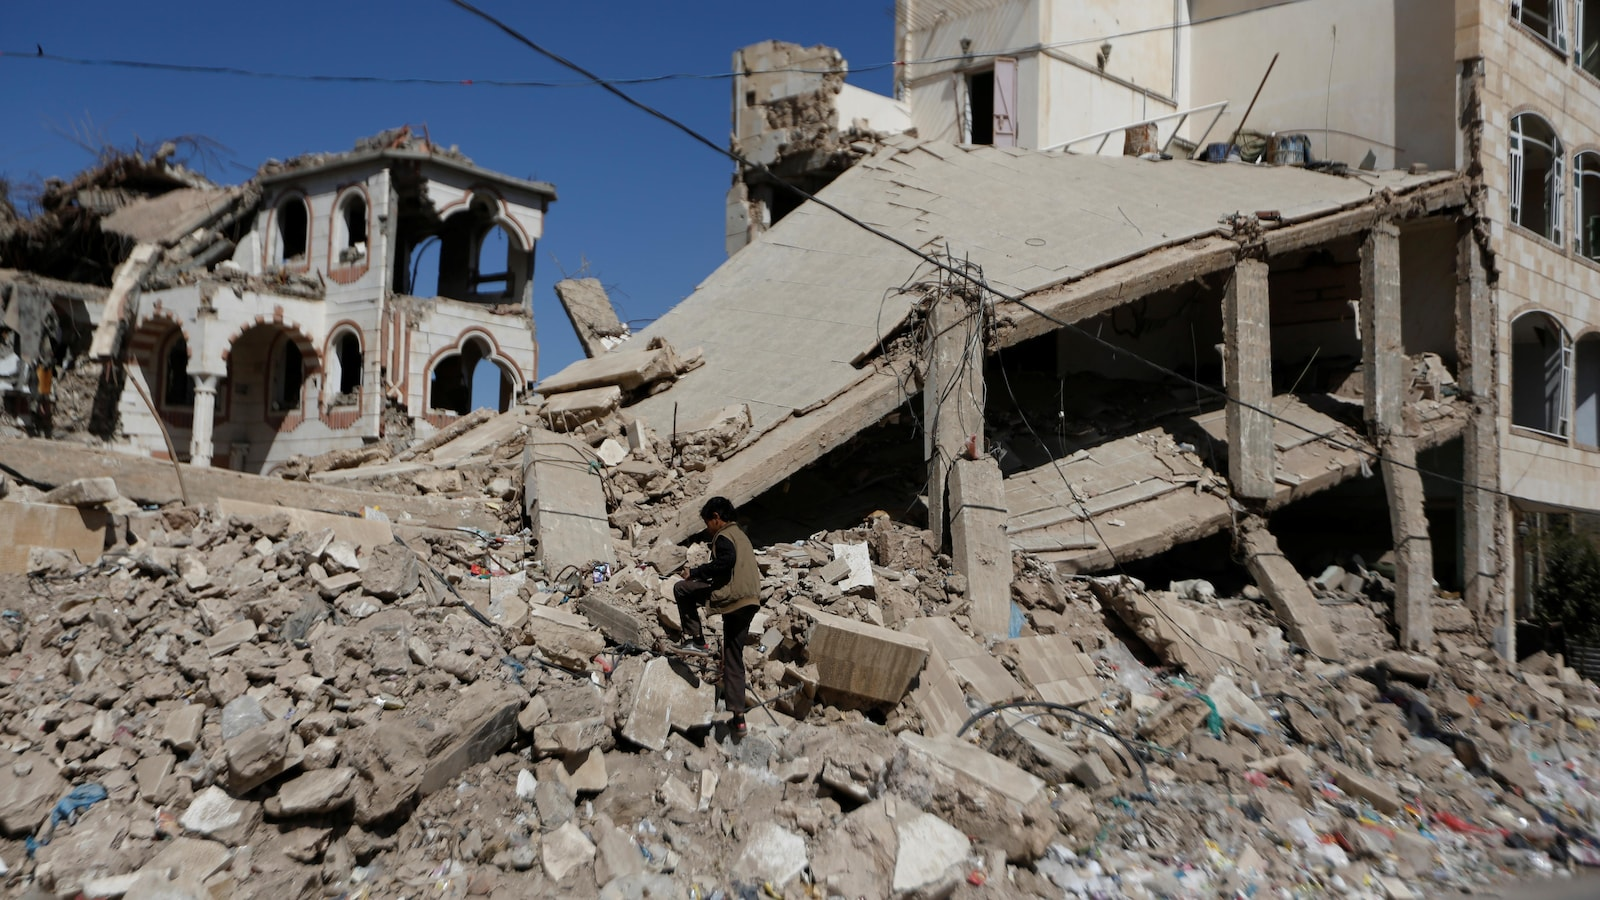 Un garçon marche sur les ruines d'un bâtiment, à Sanaa.